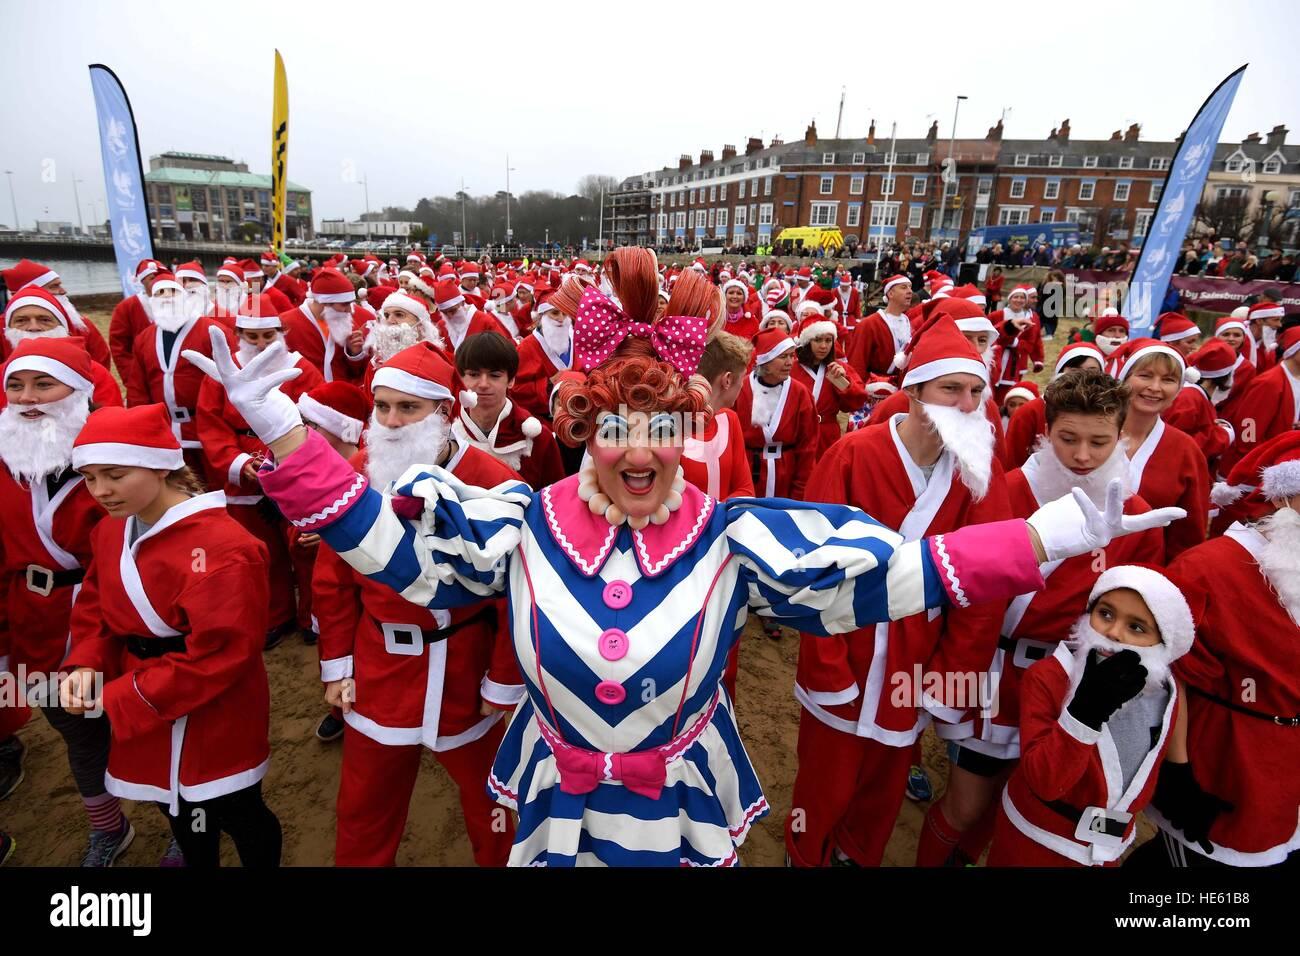 Spiaggia di Weymouth nel Dorset, Regno Unito. Xviii Dicembre, 2016. Inseguire il pudding Santa correre sulla spiaggia Immagini Stock